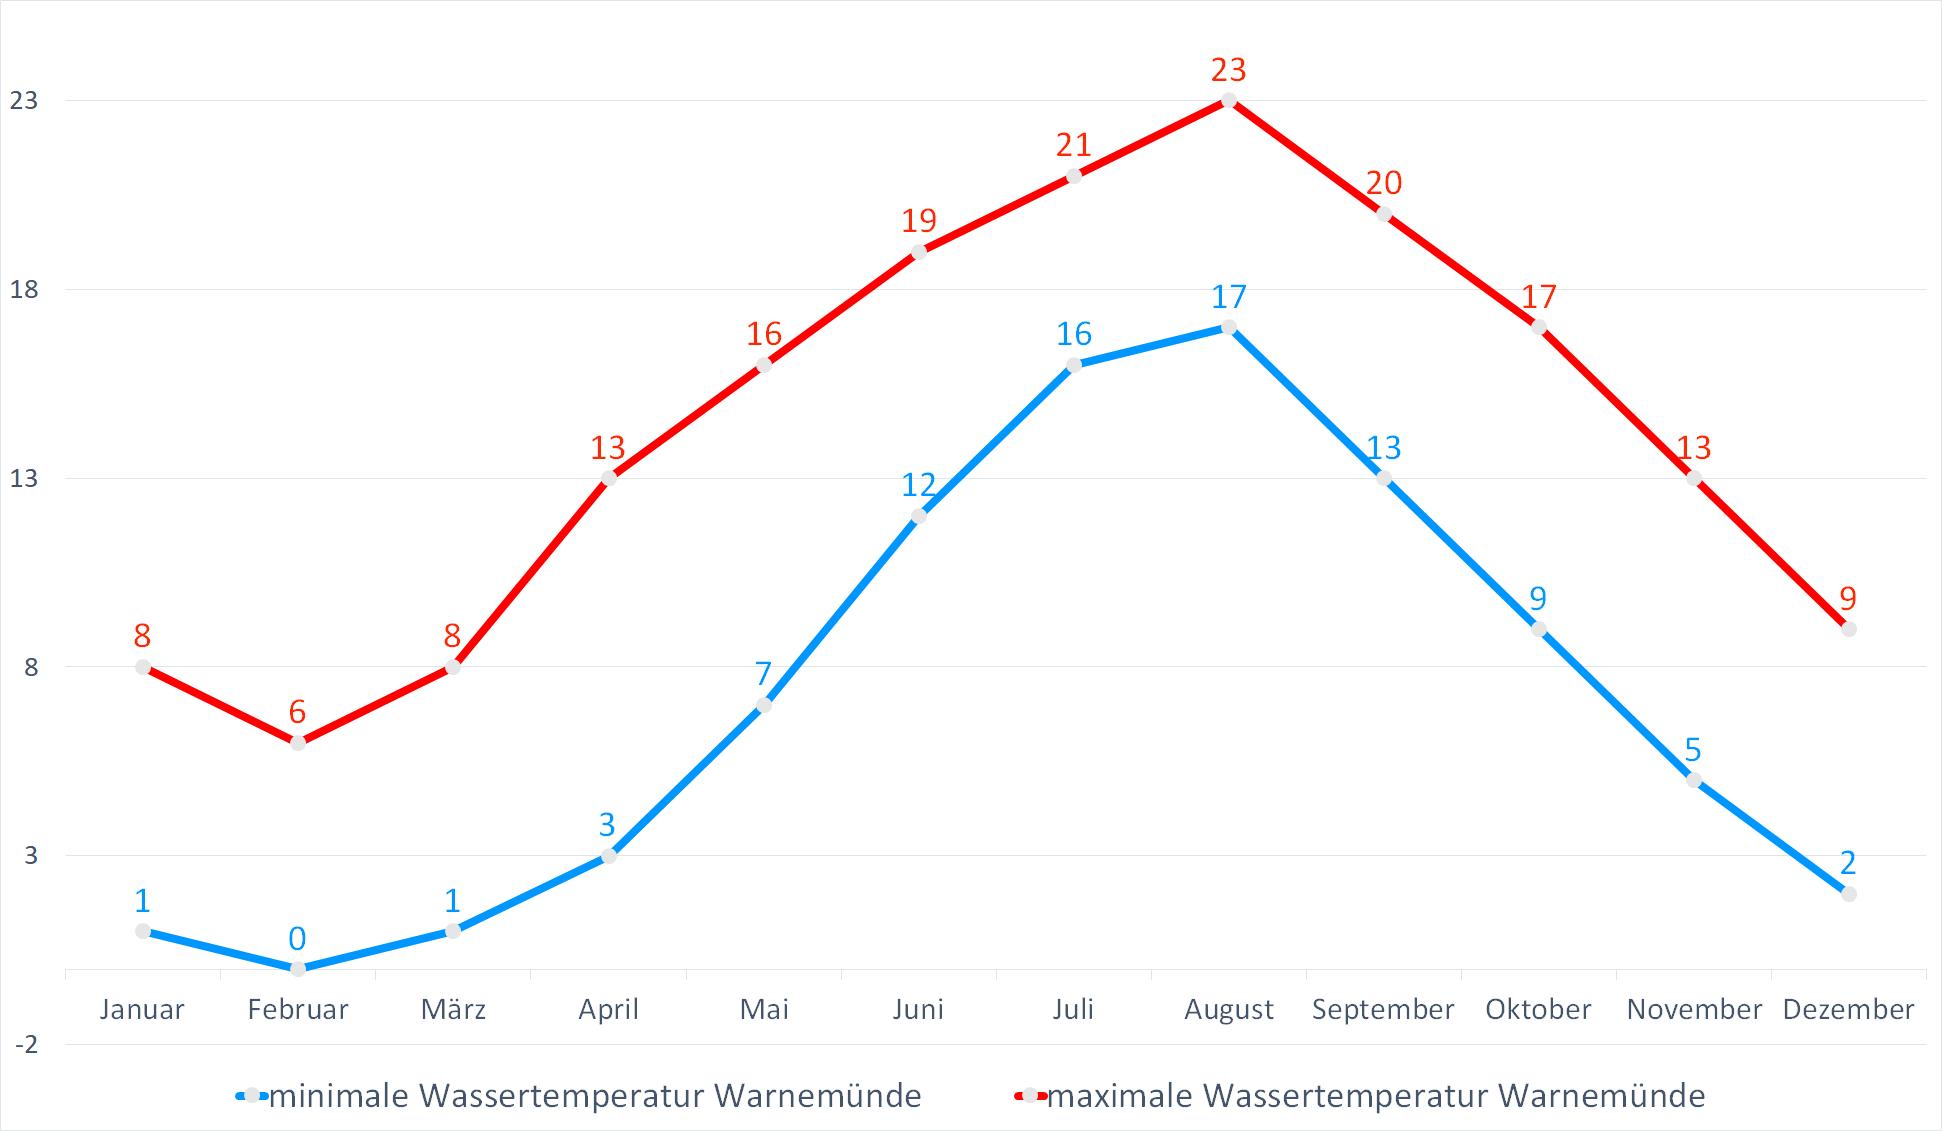 Minimale & Maximale Wassertemperaturen für Warnemuende im Jahresverlauf